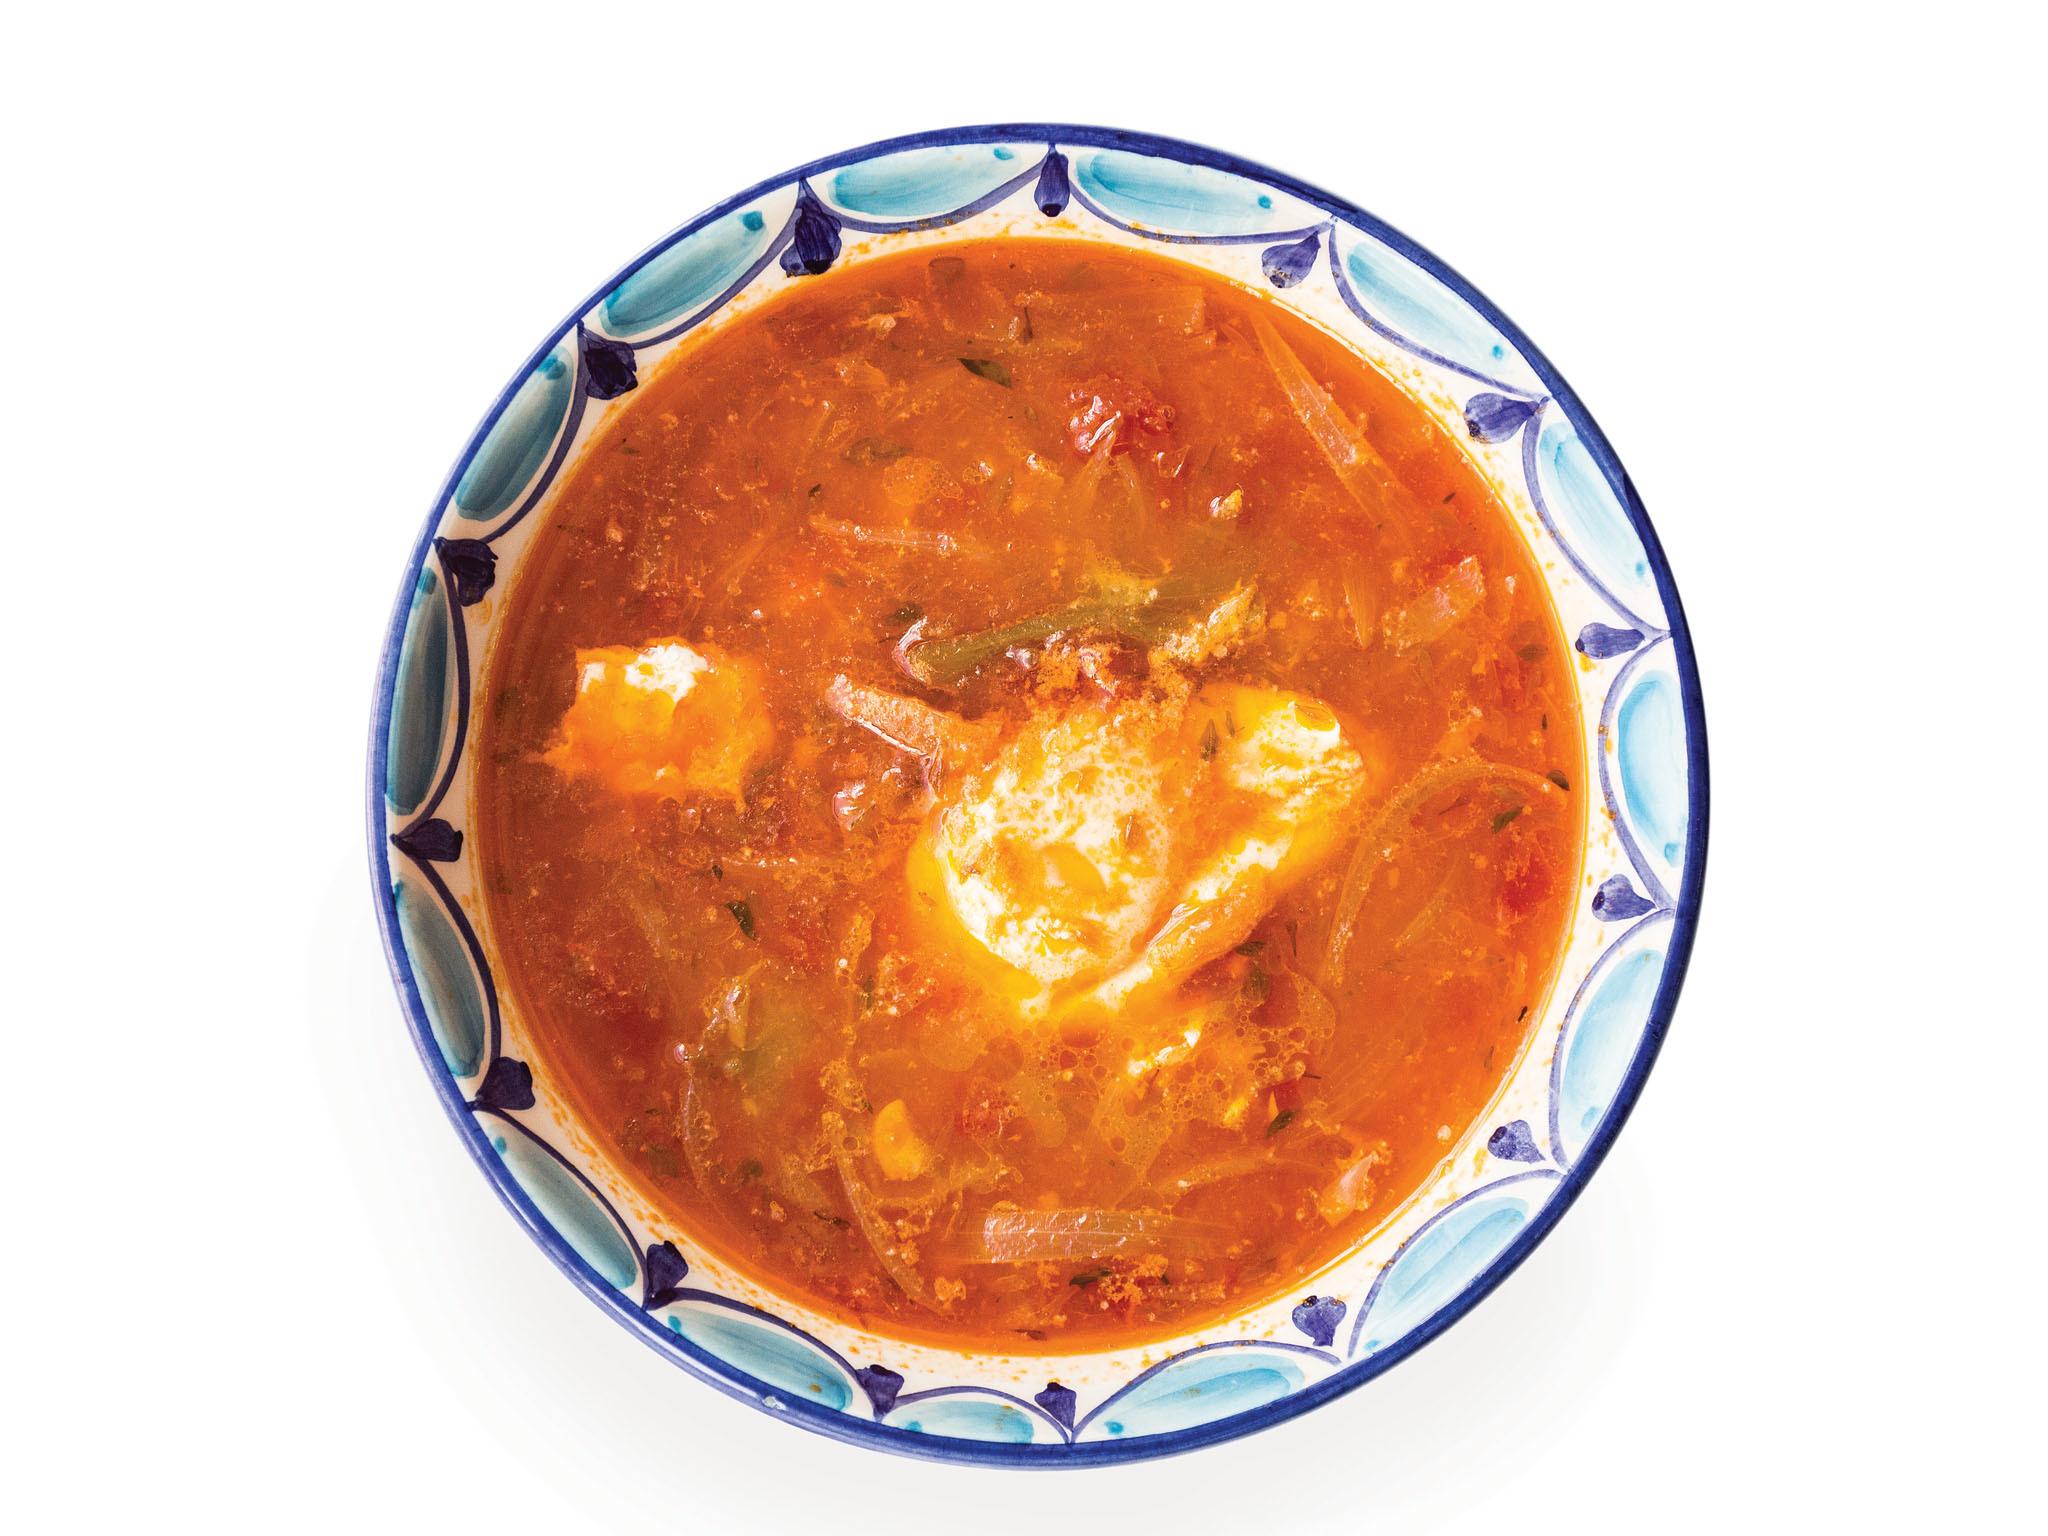 Sopa de tomate do Galito